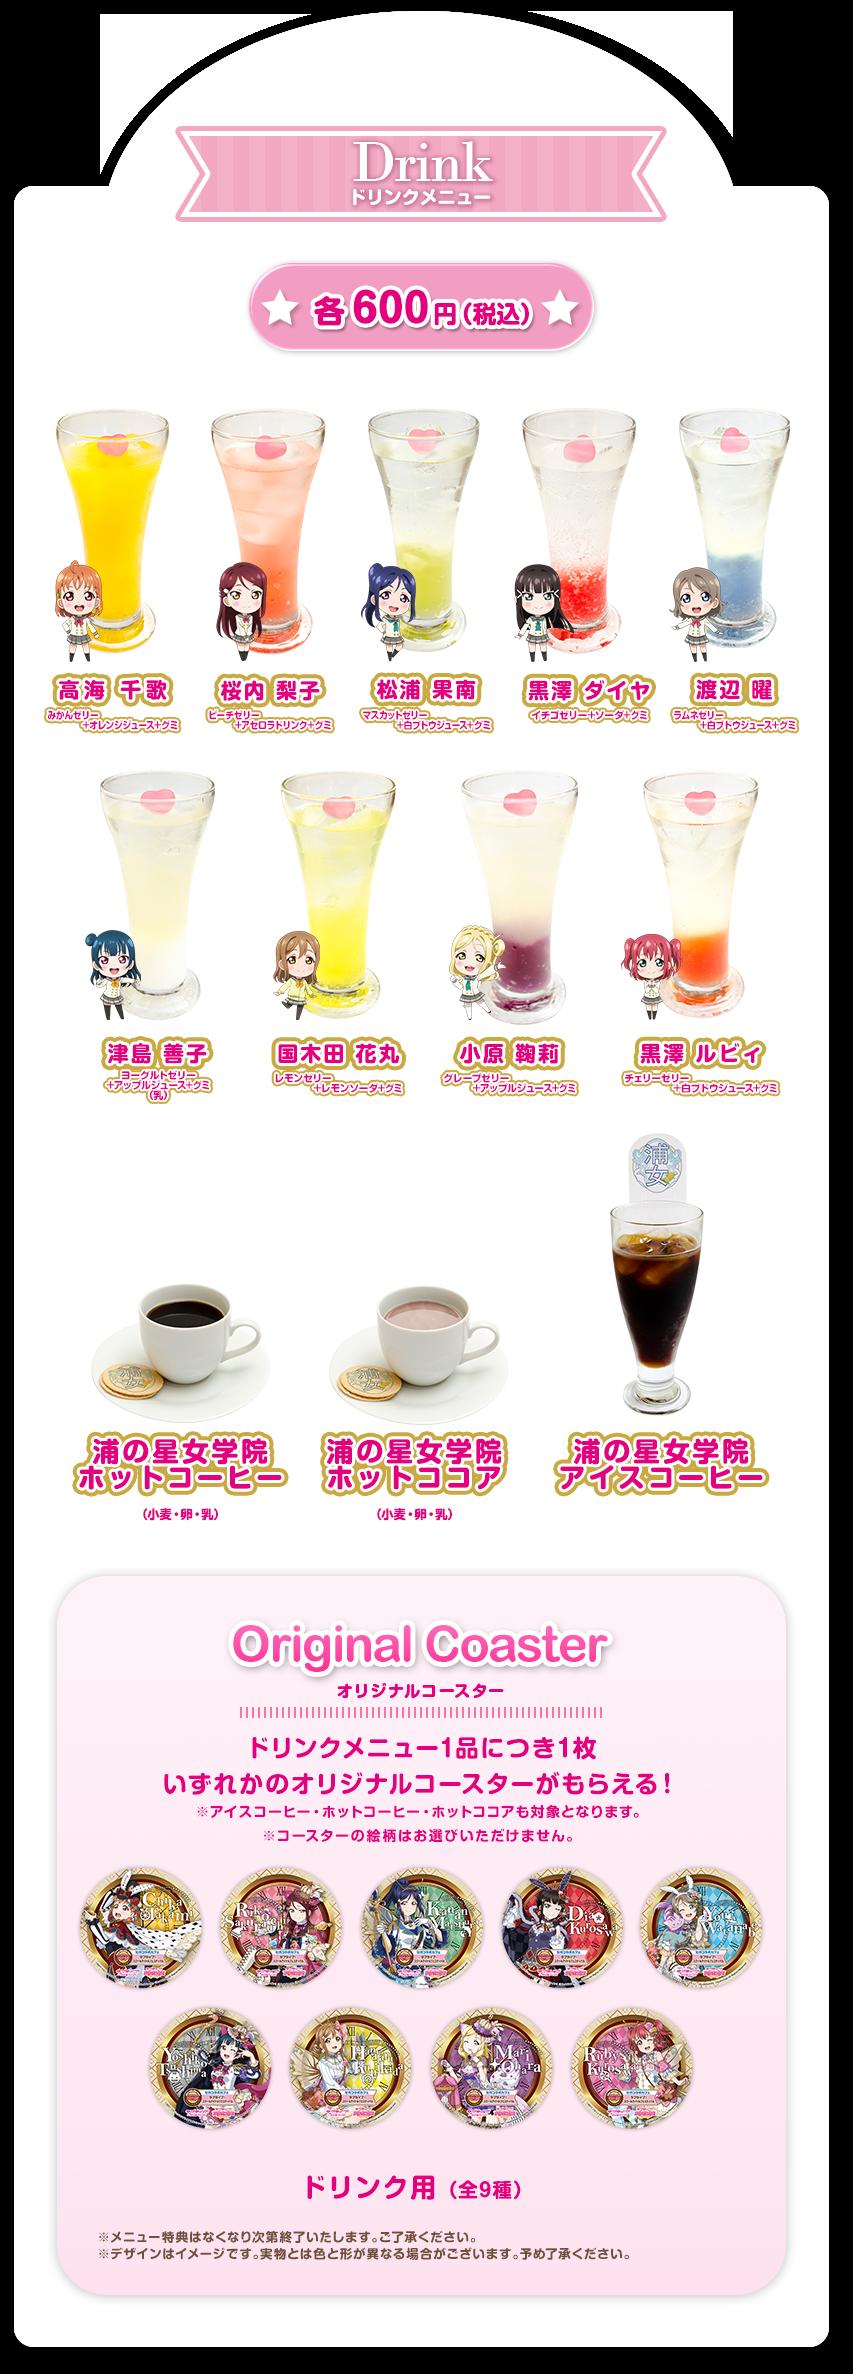 Drink Menu - Phase 1